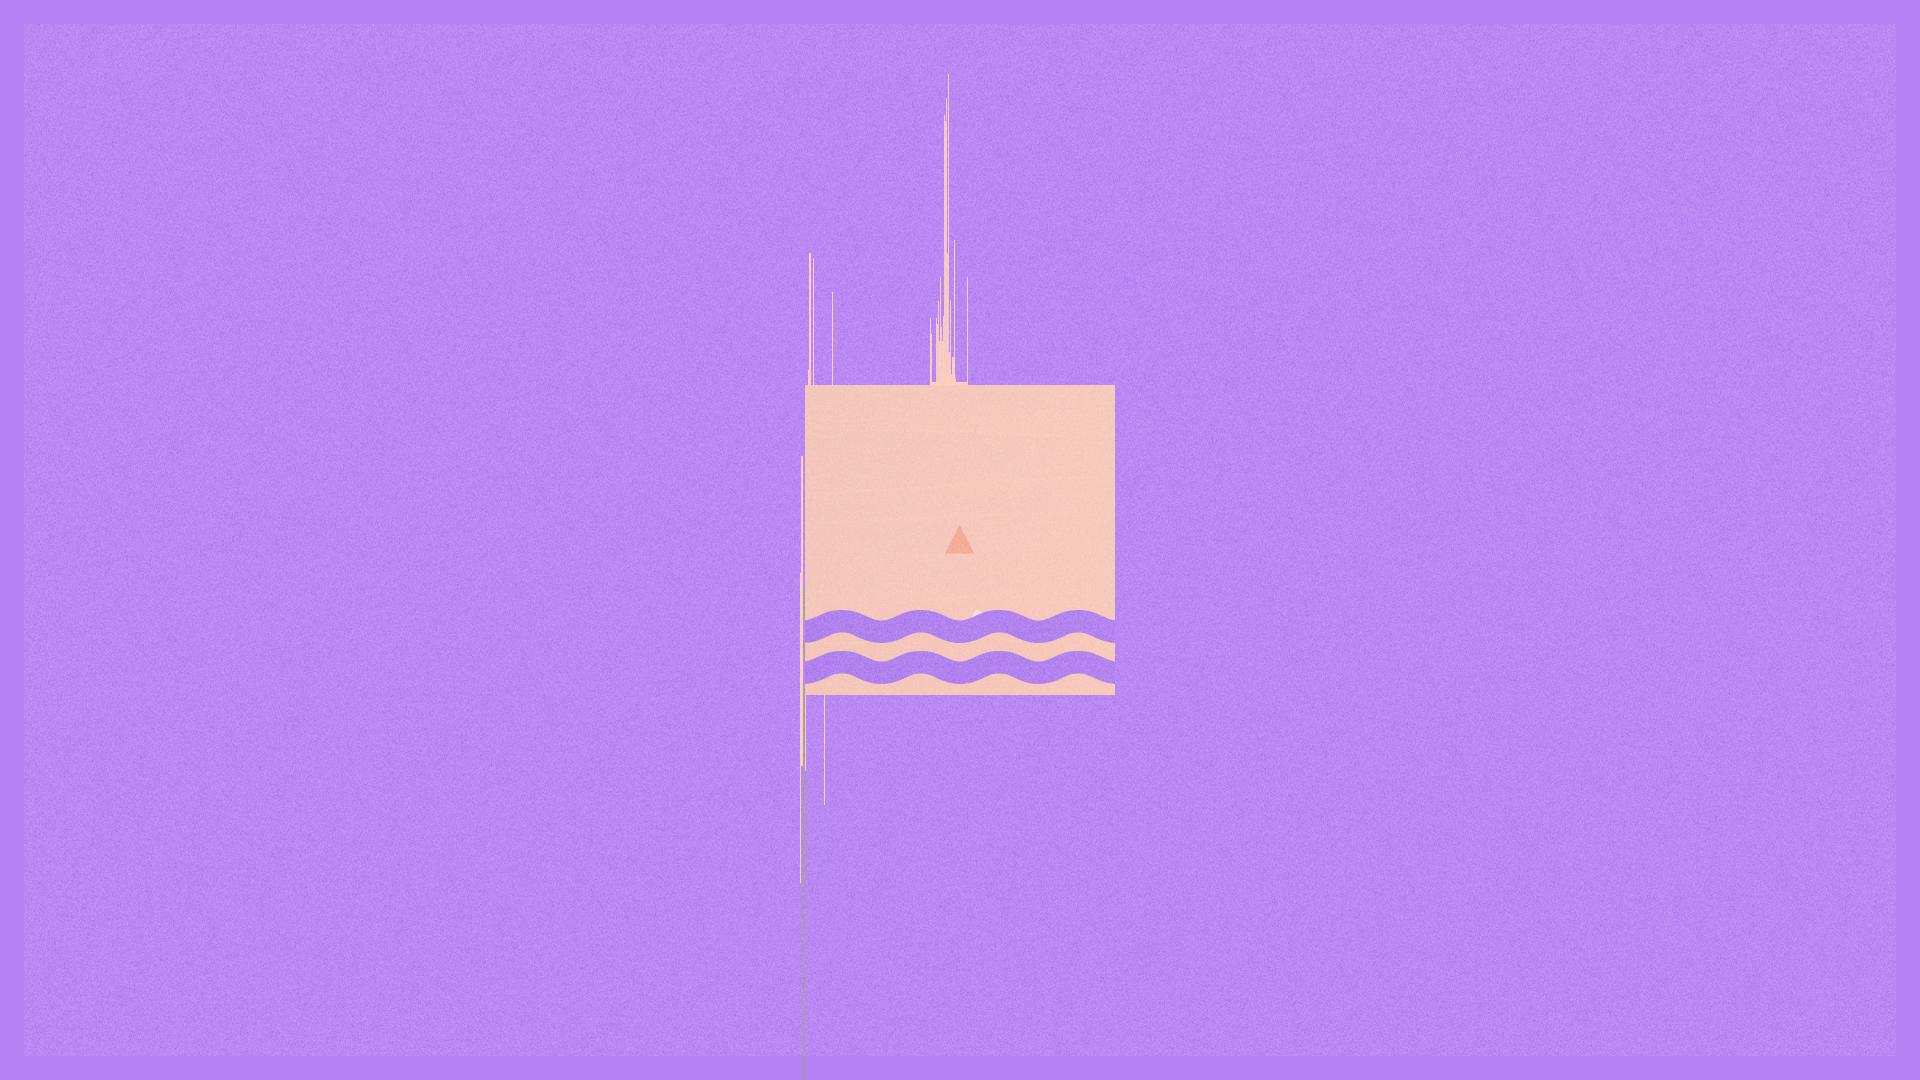 Rub_003.jpg